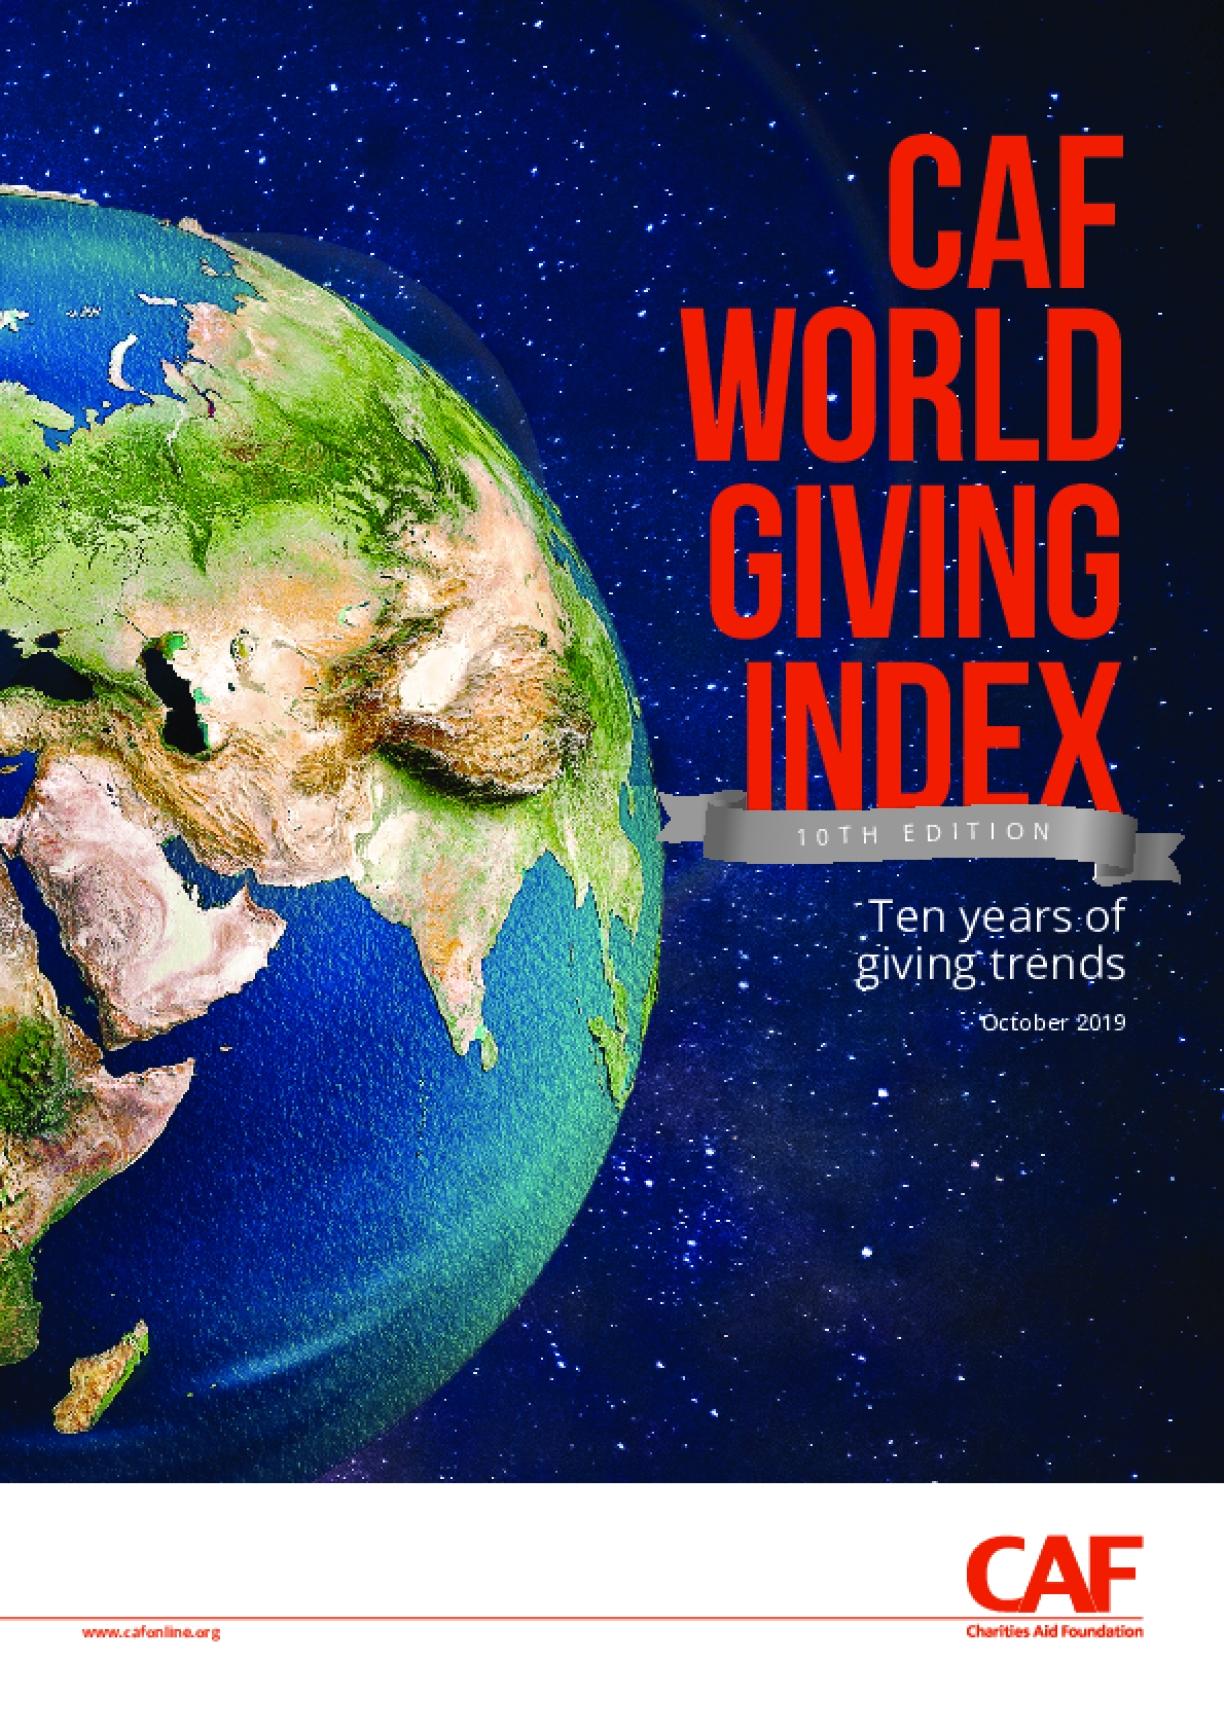 CAF World Giving Index